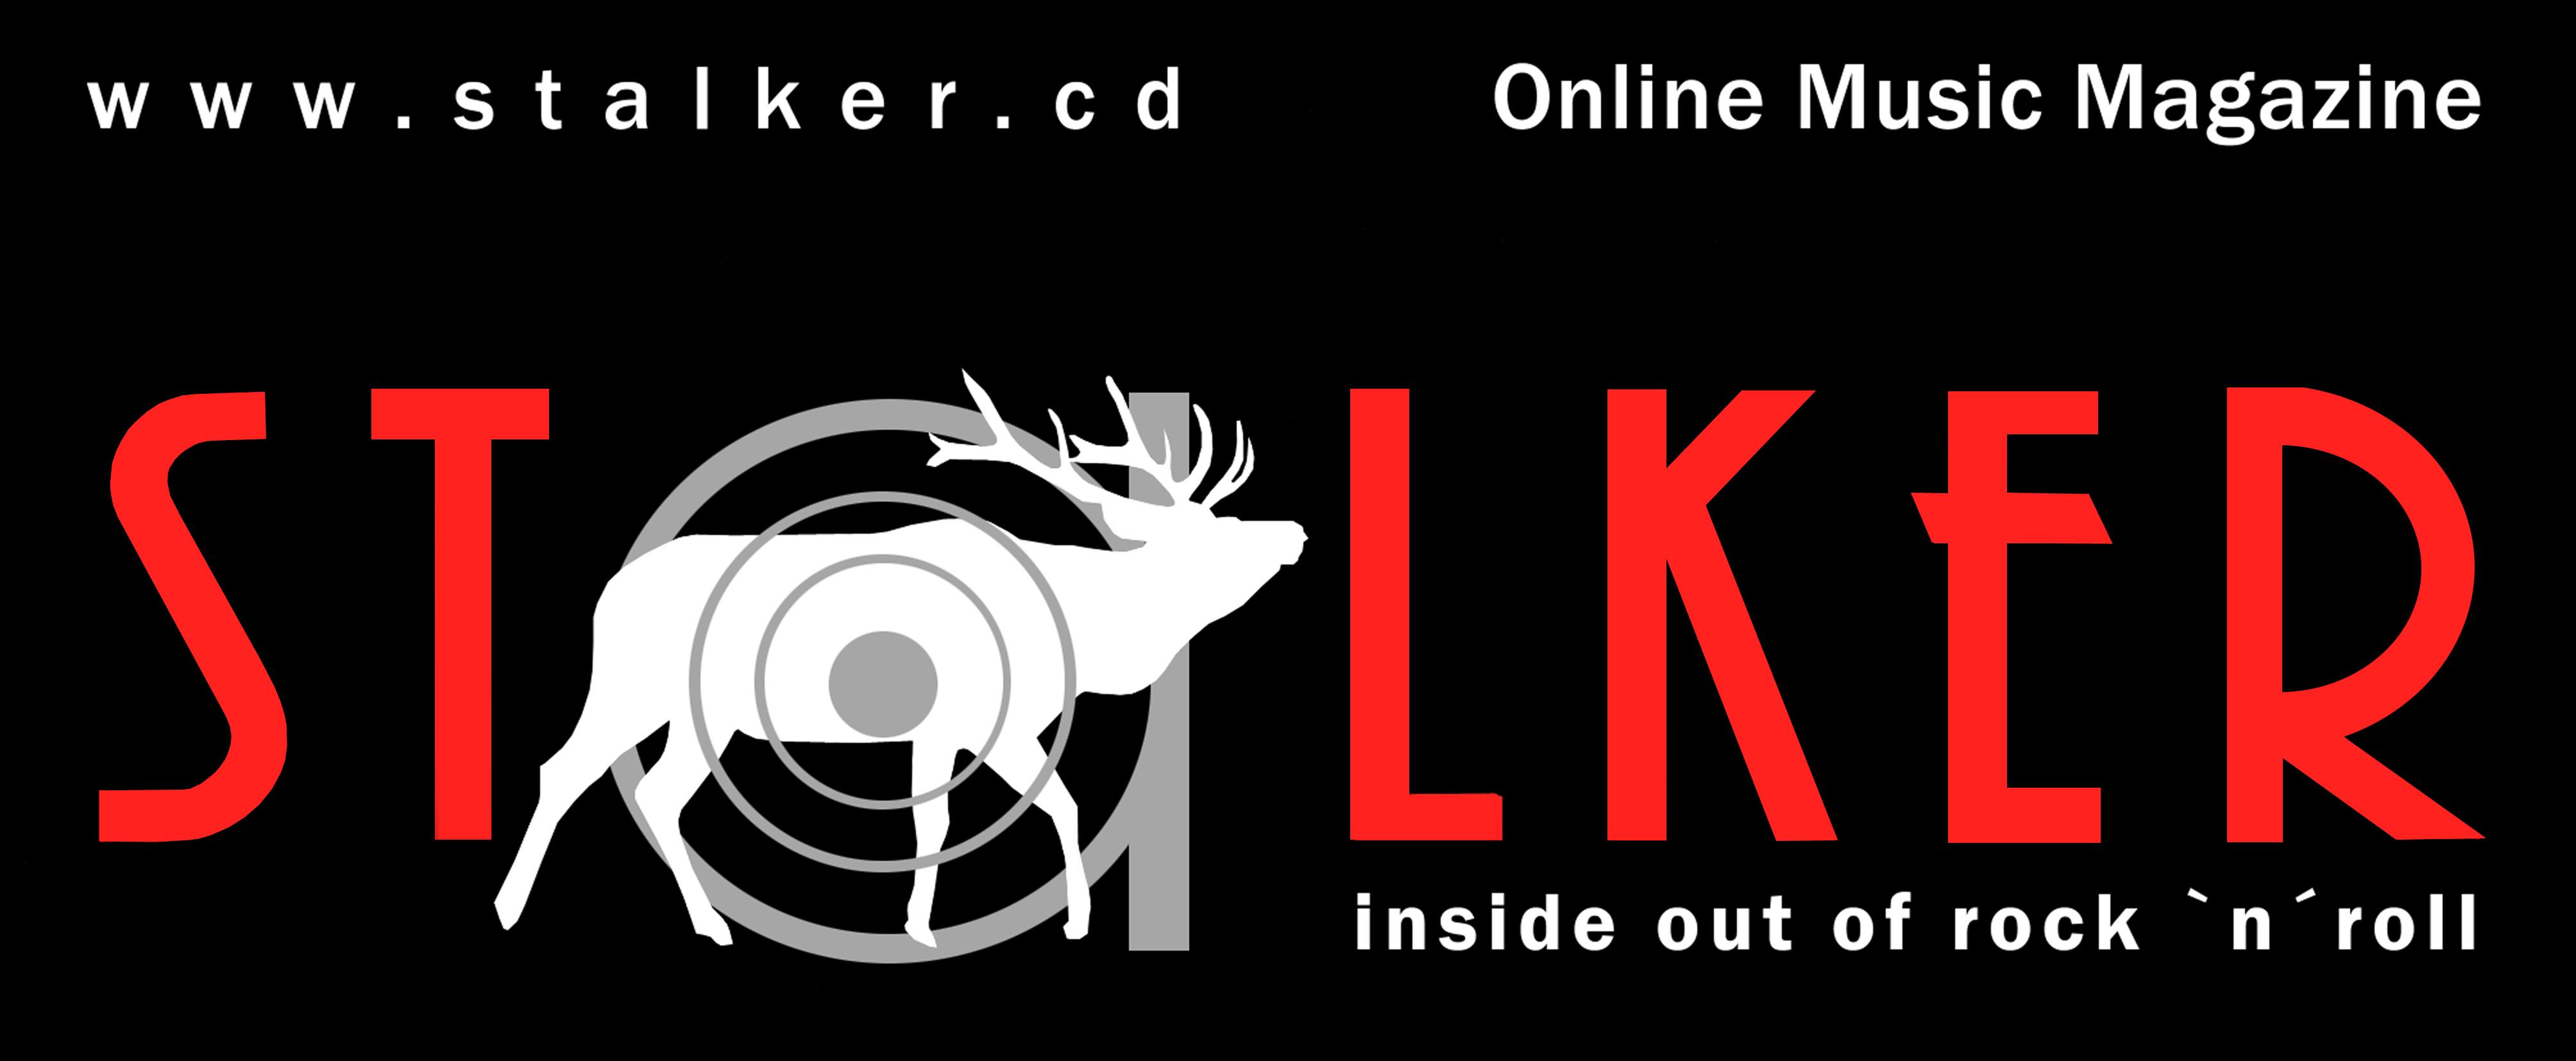 Datei:Stalker.cd Logo.jpg – Wikipedia: becuo.com/cd-logo-jpg